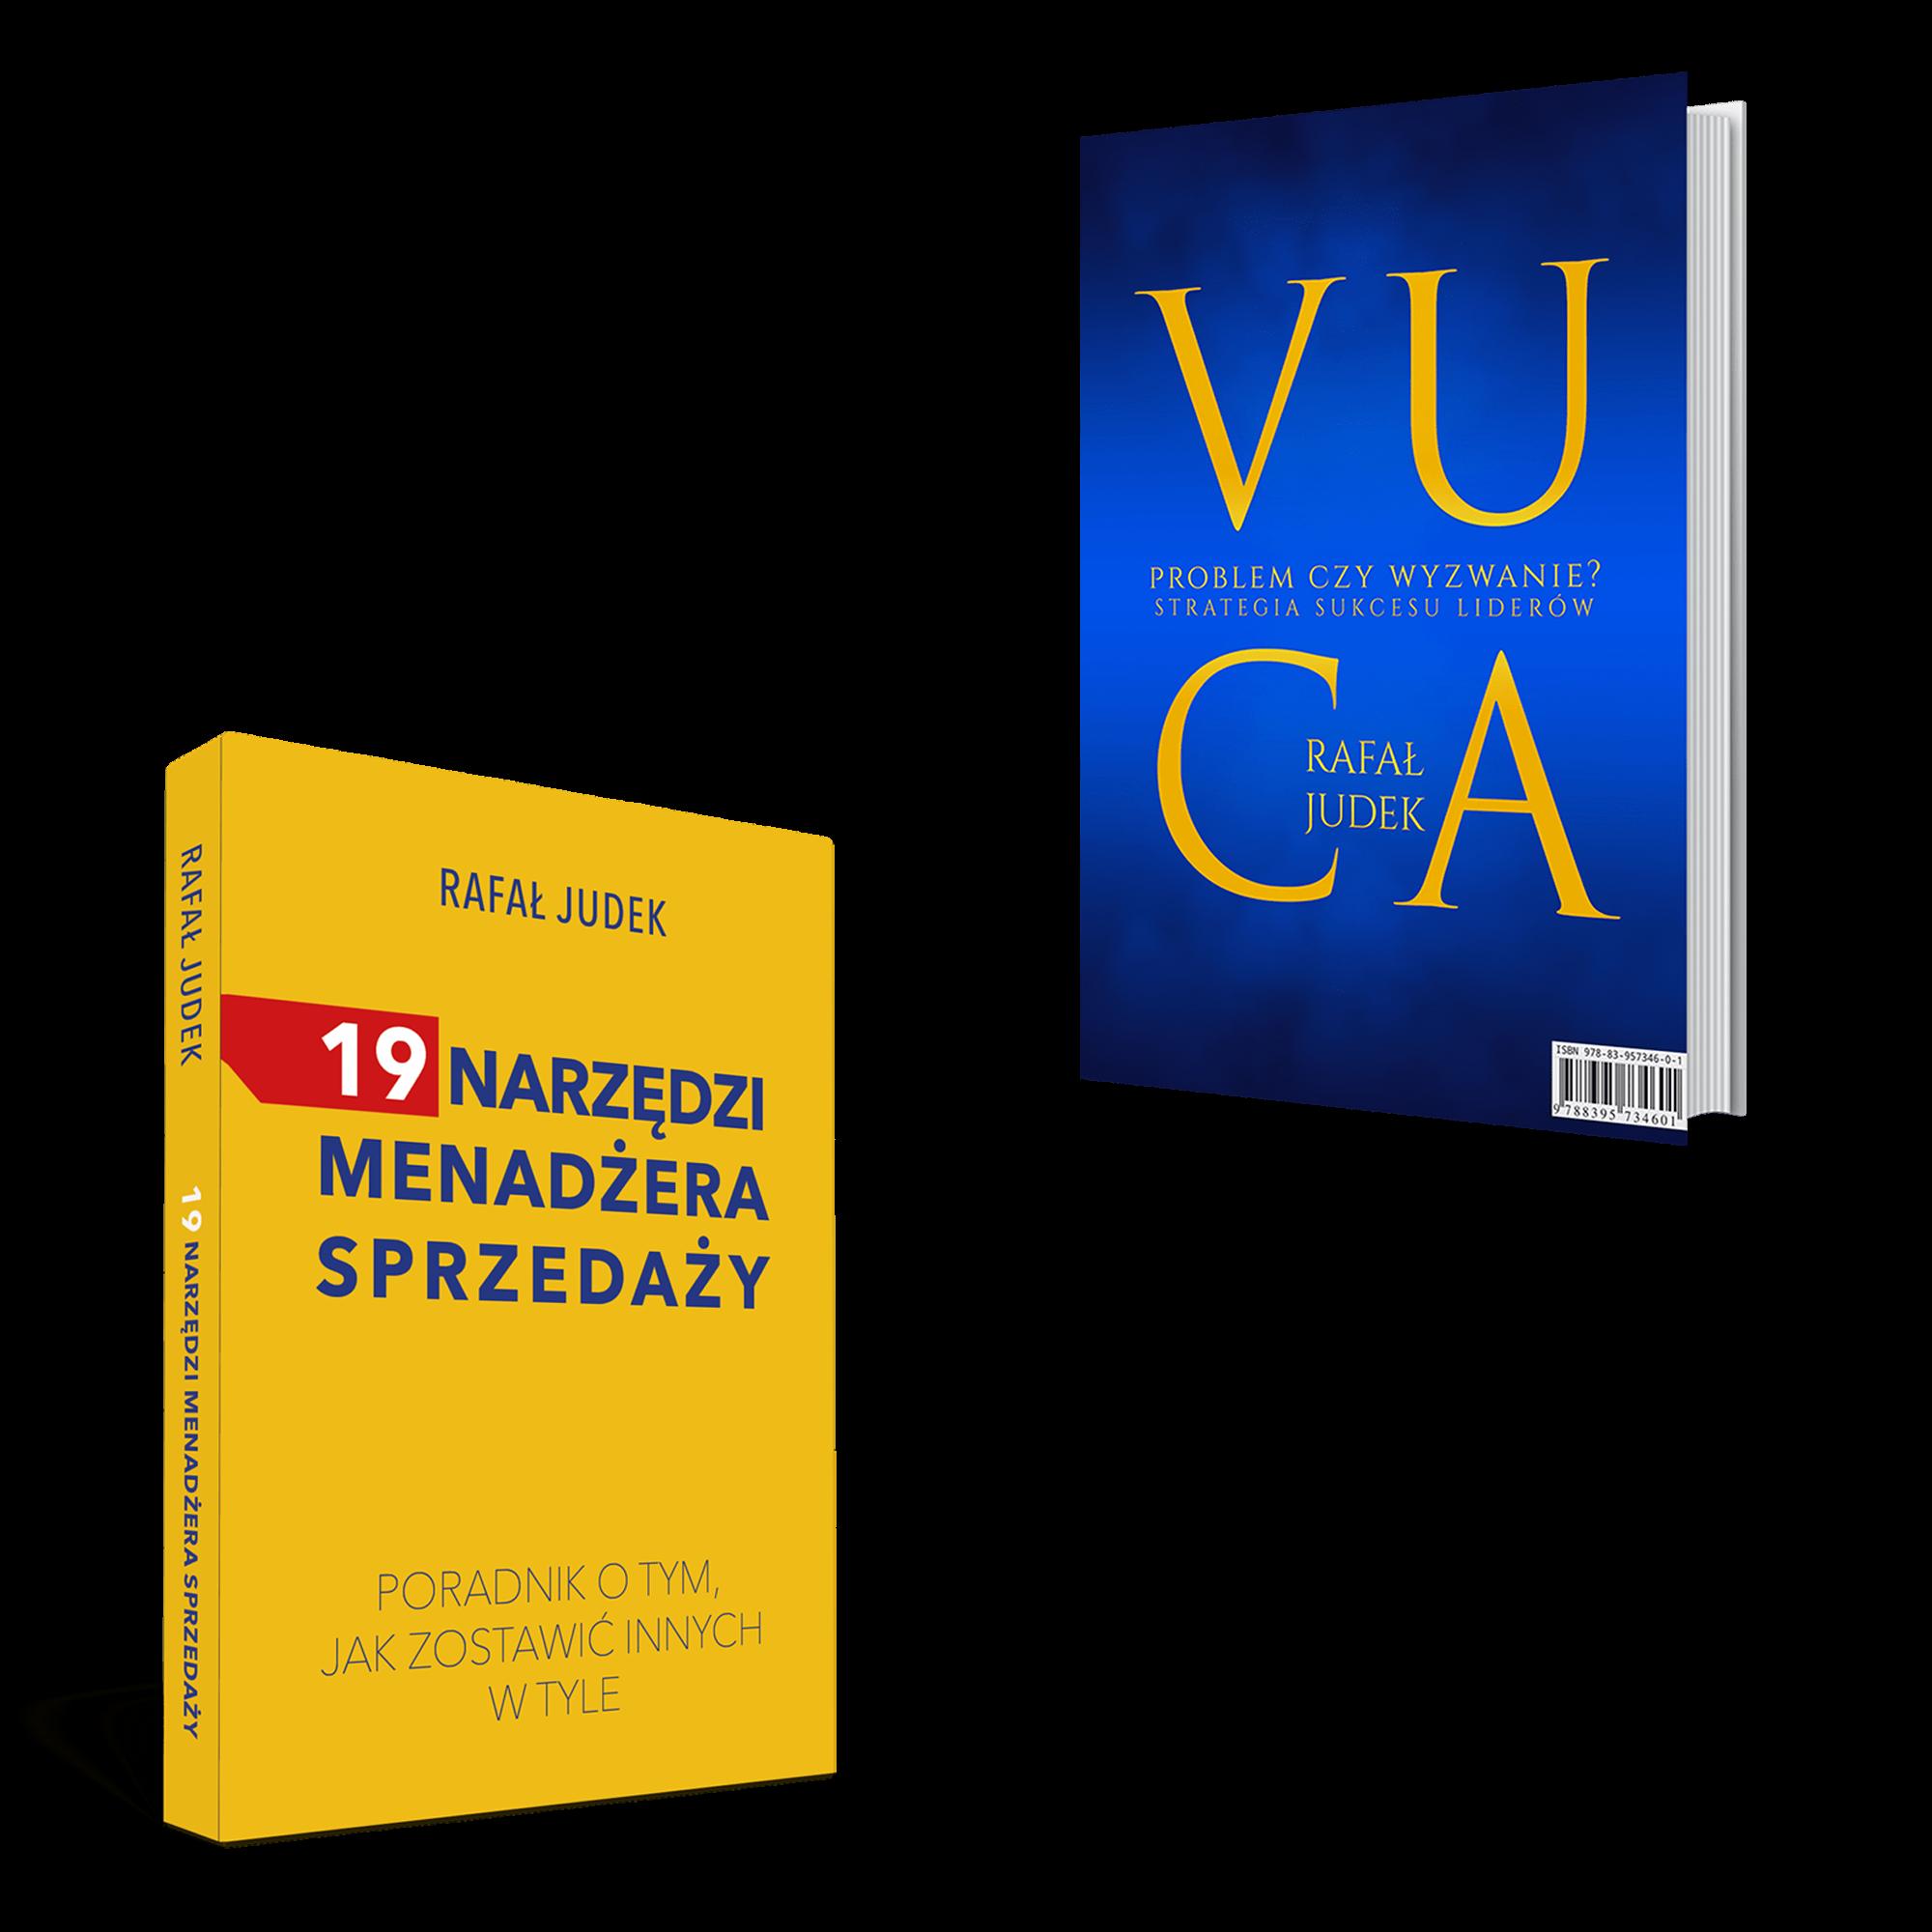 VUCA + 19